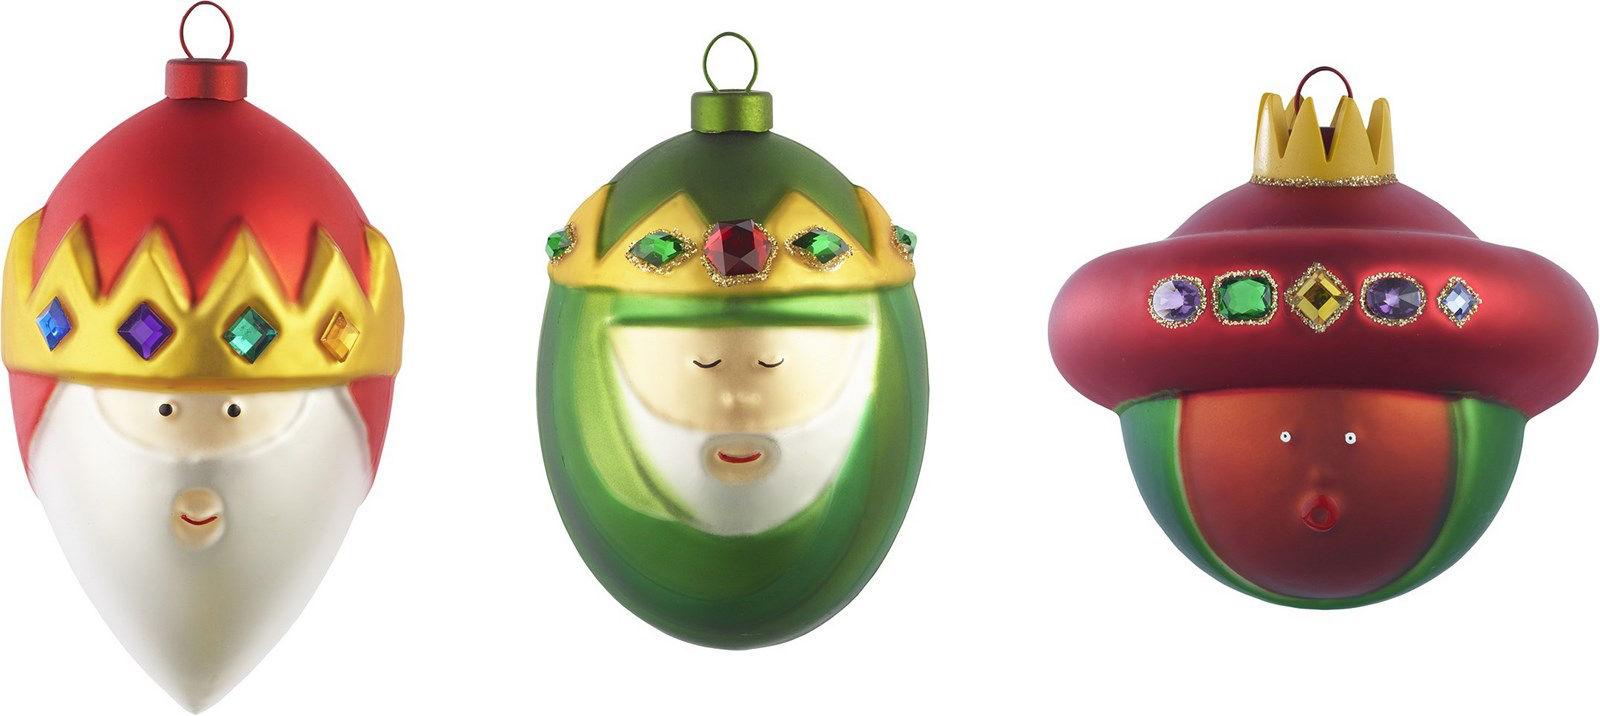 Déco - Objets déco et cadres-photos - Boule de Noël / Set de 3 : les Rois mages - A di Alessi - Rois mages / Multicolore - Verre soufflé